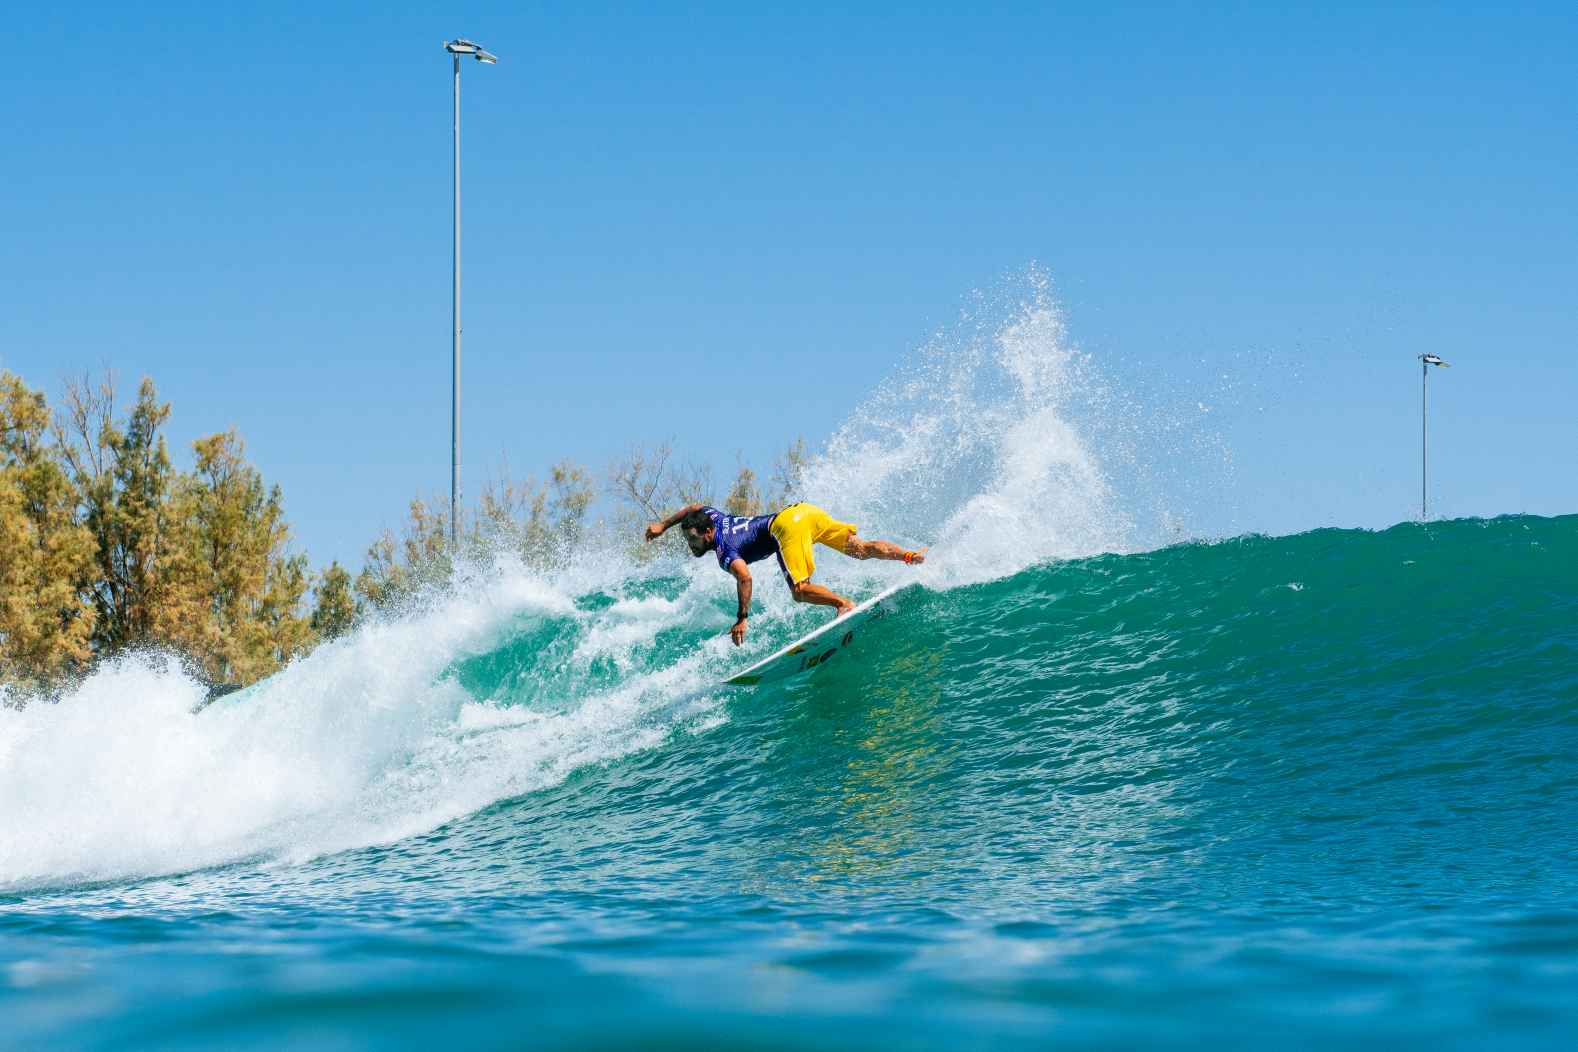 surf30 surf ranch pro 2021 wsl surf DeSouza A Ranch21 PNN 2473